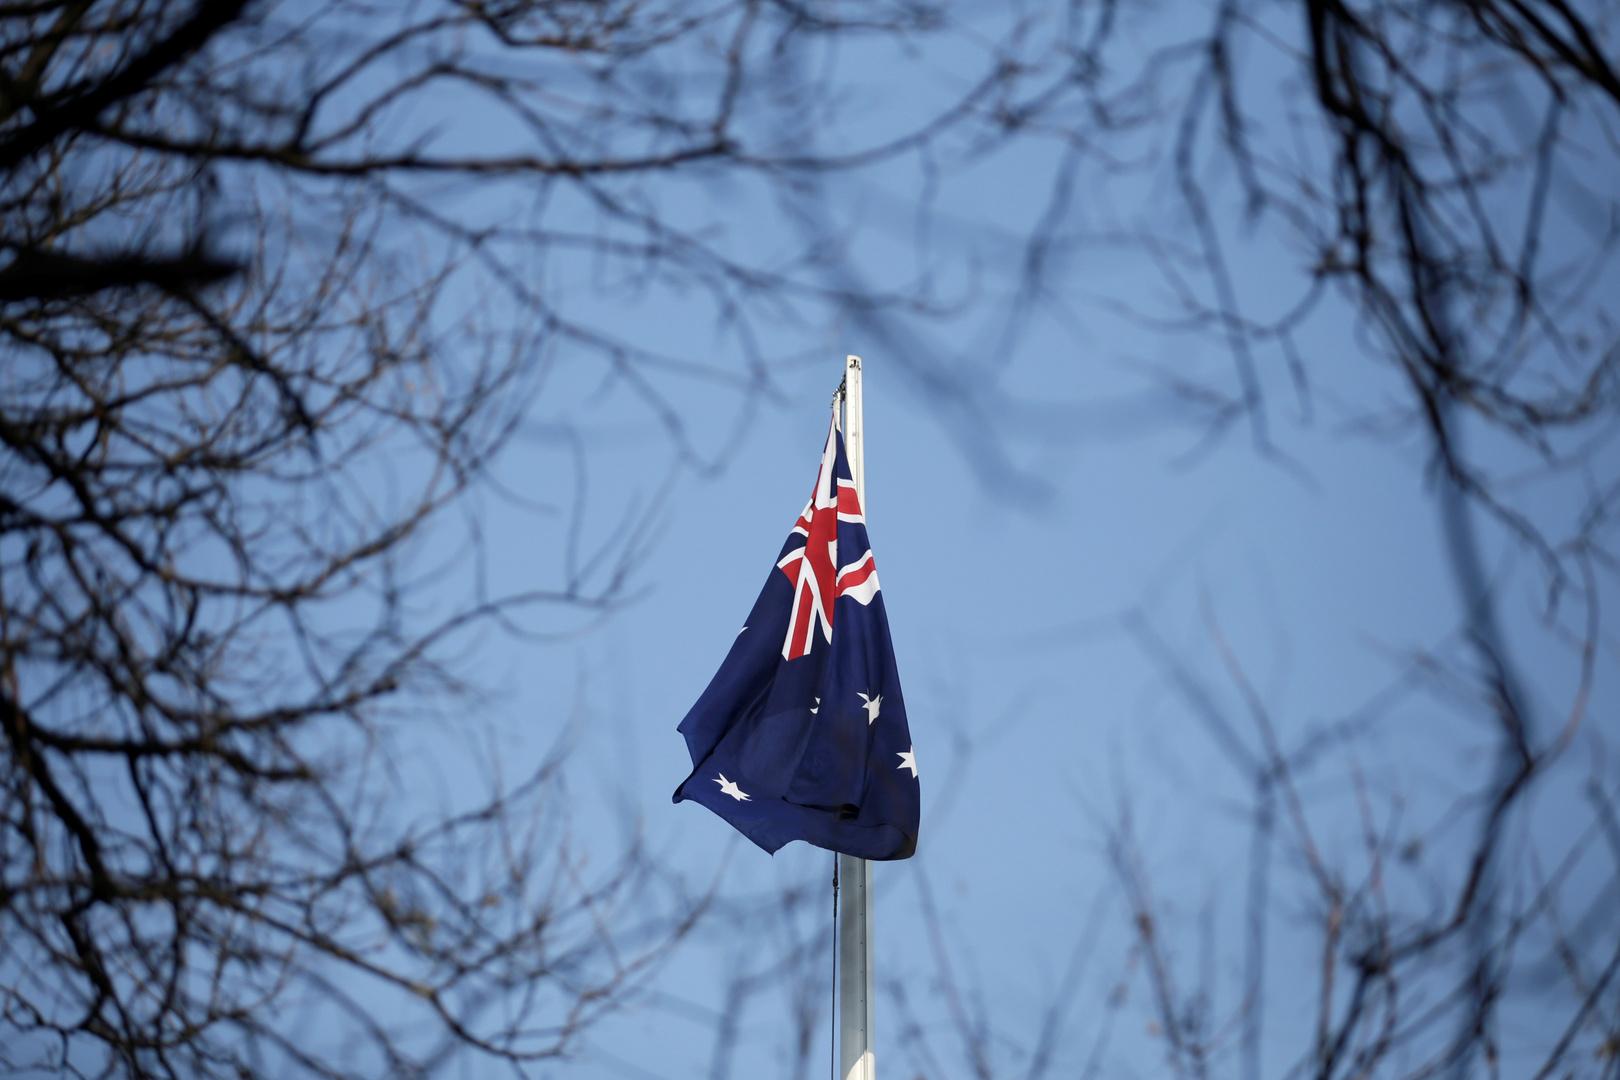 الشيوخ الأسترالي يدعو الحكومة إلى منح اللجوء لصحفيين سعوديين مثليين هربا من المملكة